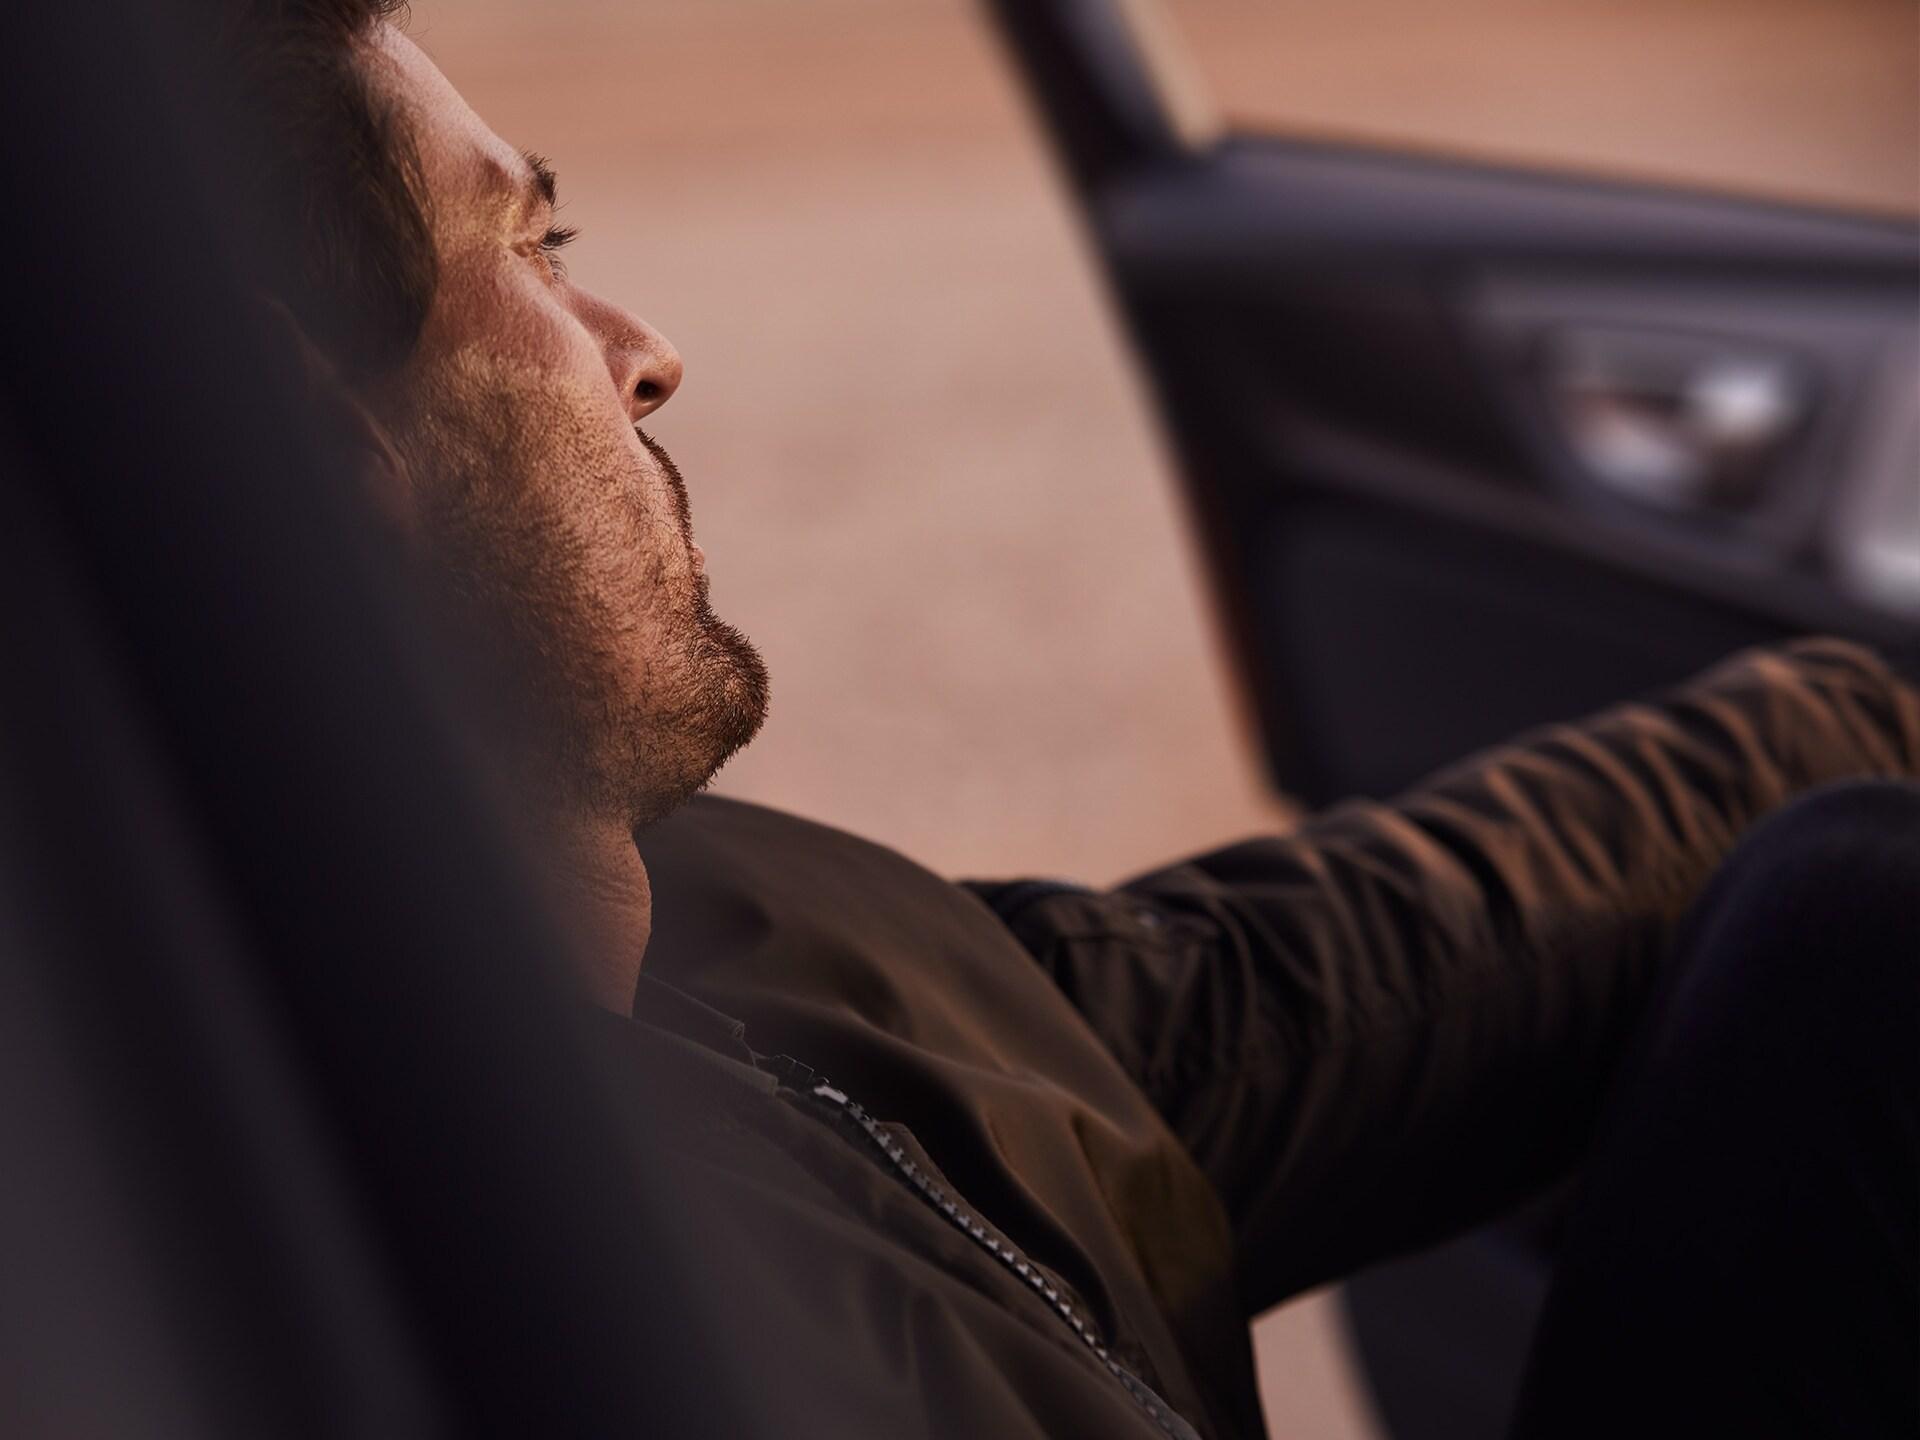 Homme aux cheveux bruns assis dans une Volvo S60 profitant du soleil.